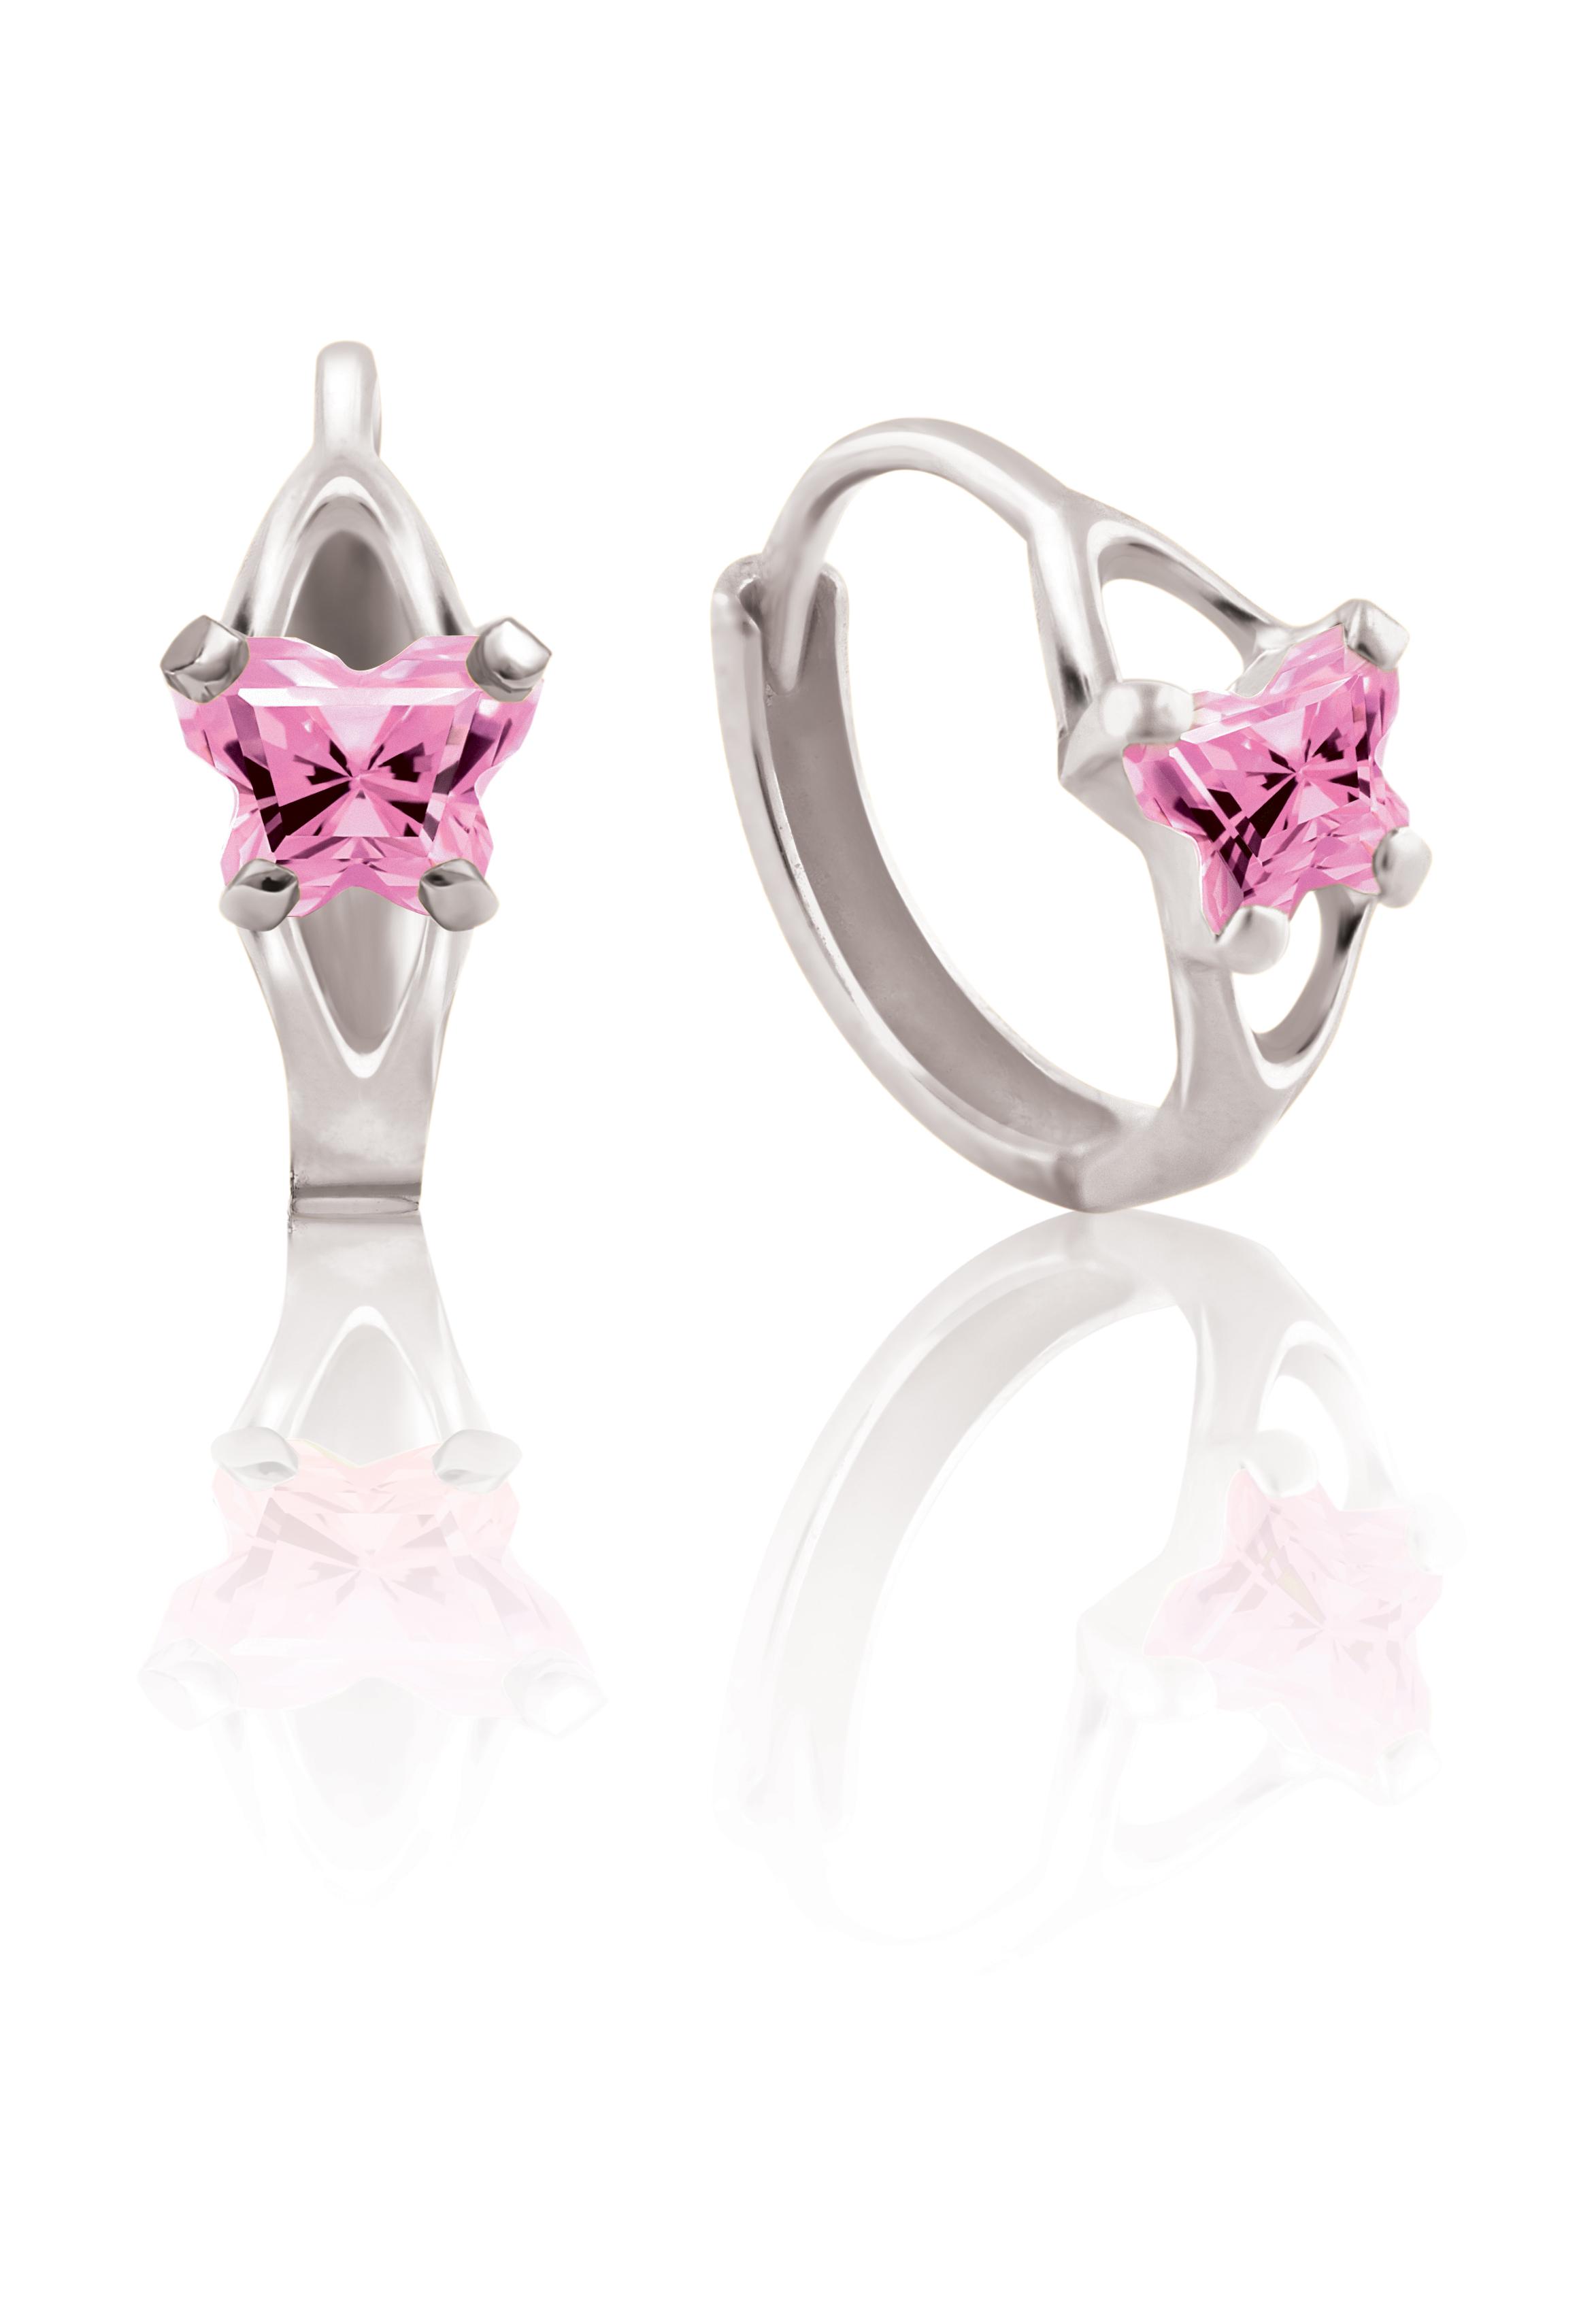 Boucles d'oreilles BFLY de genre Huggies pour bambins en argent sterling serties de zircons cubiques rose (mois d'octobre)